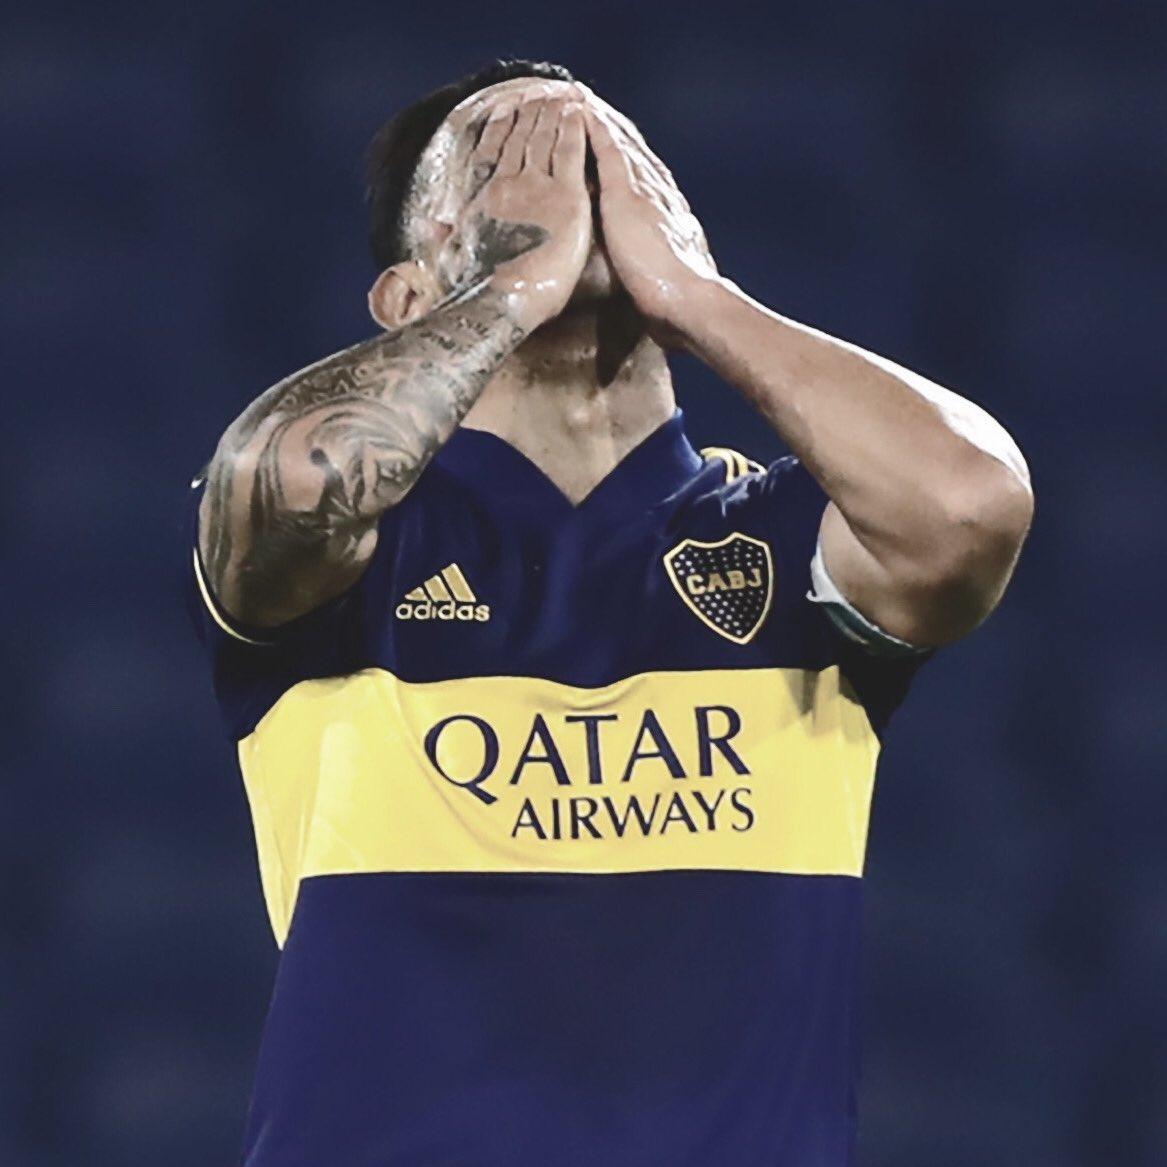 Santos destruyó a Boca 3-0 y clasificó a la Final de La Copa Libertadores 2021 🌎🏆  Todos soñábamos con Boca Jrs vs River Plate en la final, pero bueno, nos tocará conformarnos con Palmeiras vs Santos. 😊🇧🇷 https://t.co/uRboZCDK1G